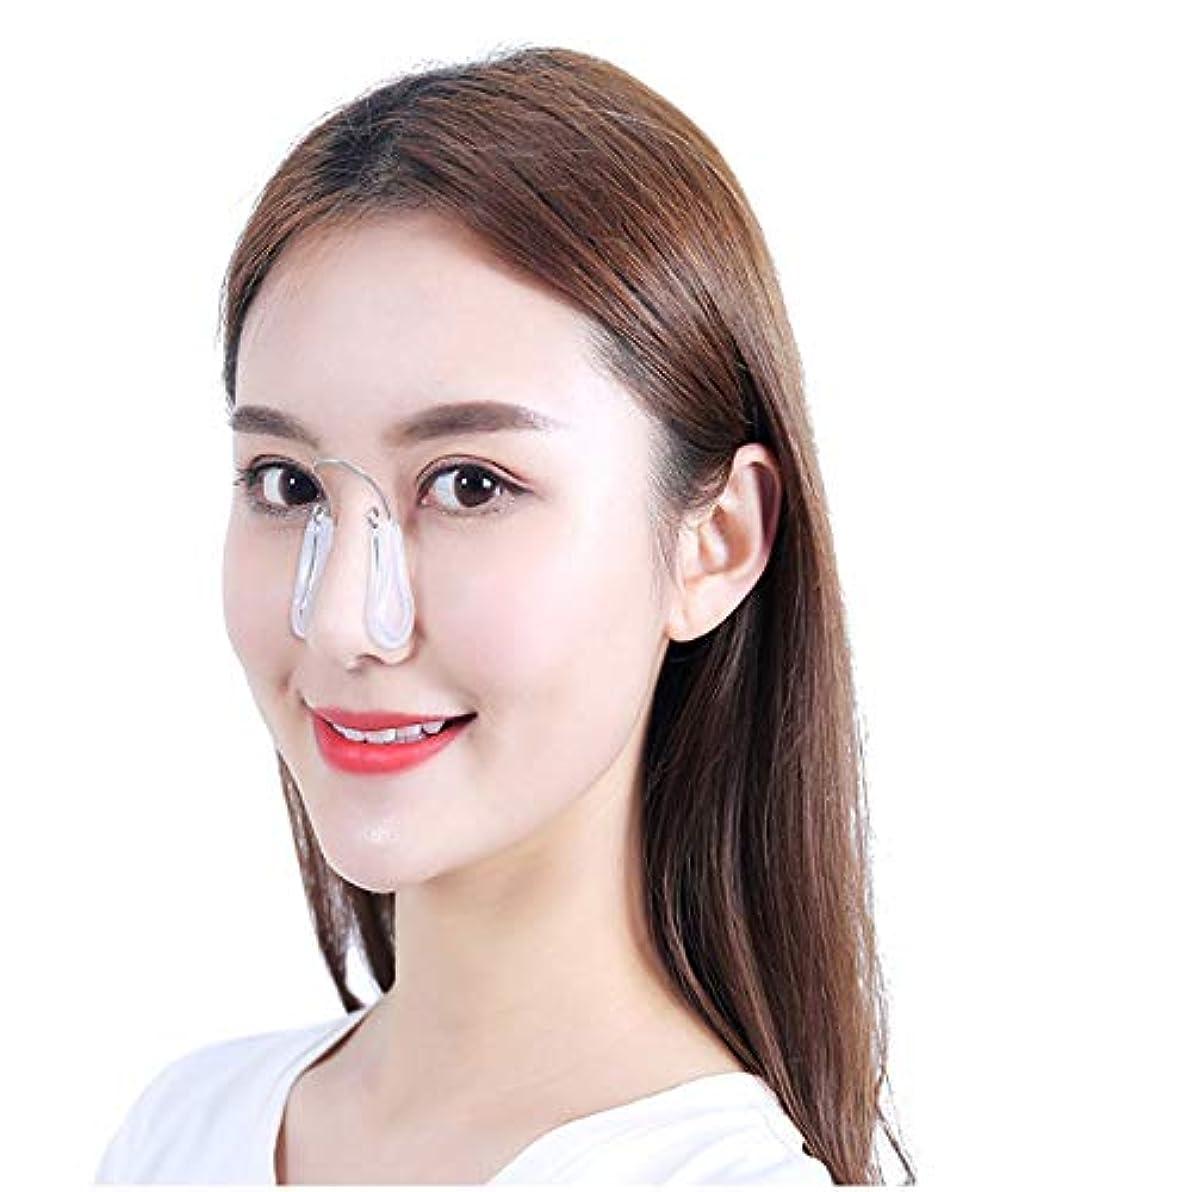 パキスタン人襟ラジエーターGOIOD 美鼻ケア 鼻 人工鼻 増強美容 鼻のデバイスシリコンクリップ 鼻筋矯正 簡単美鼻ケア